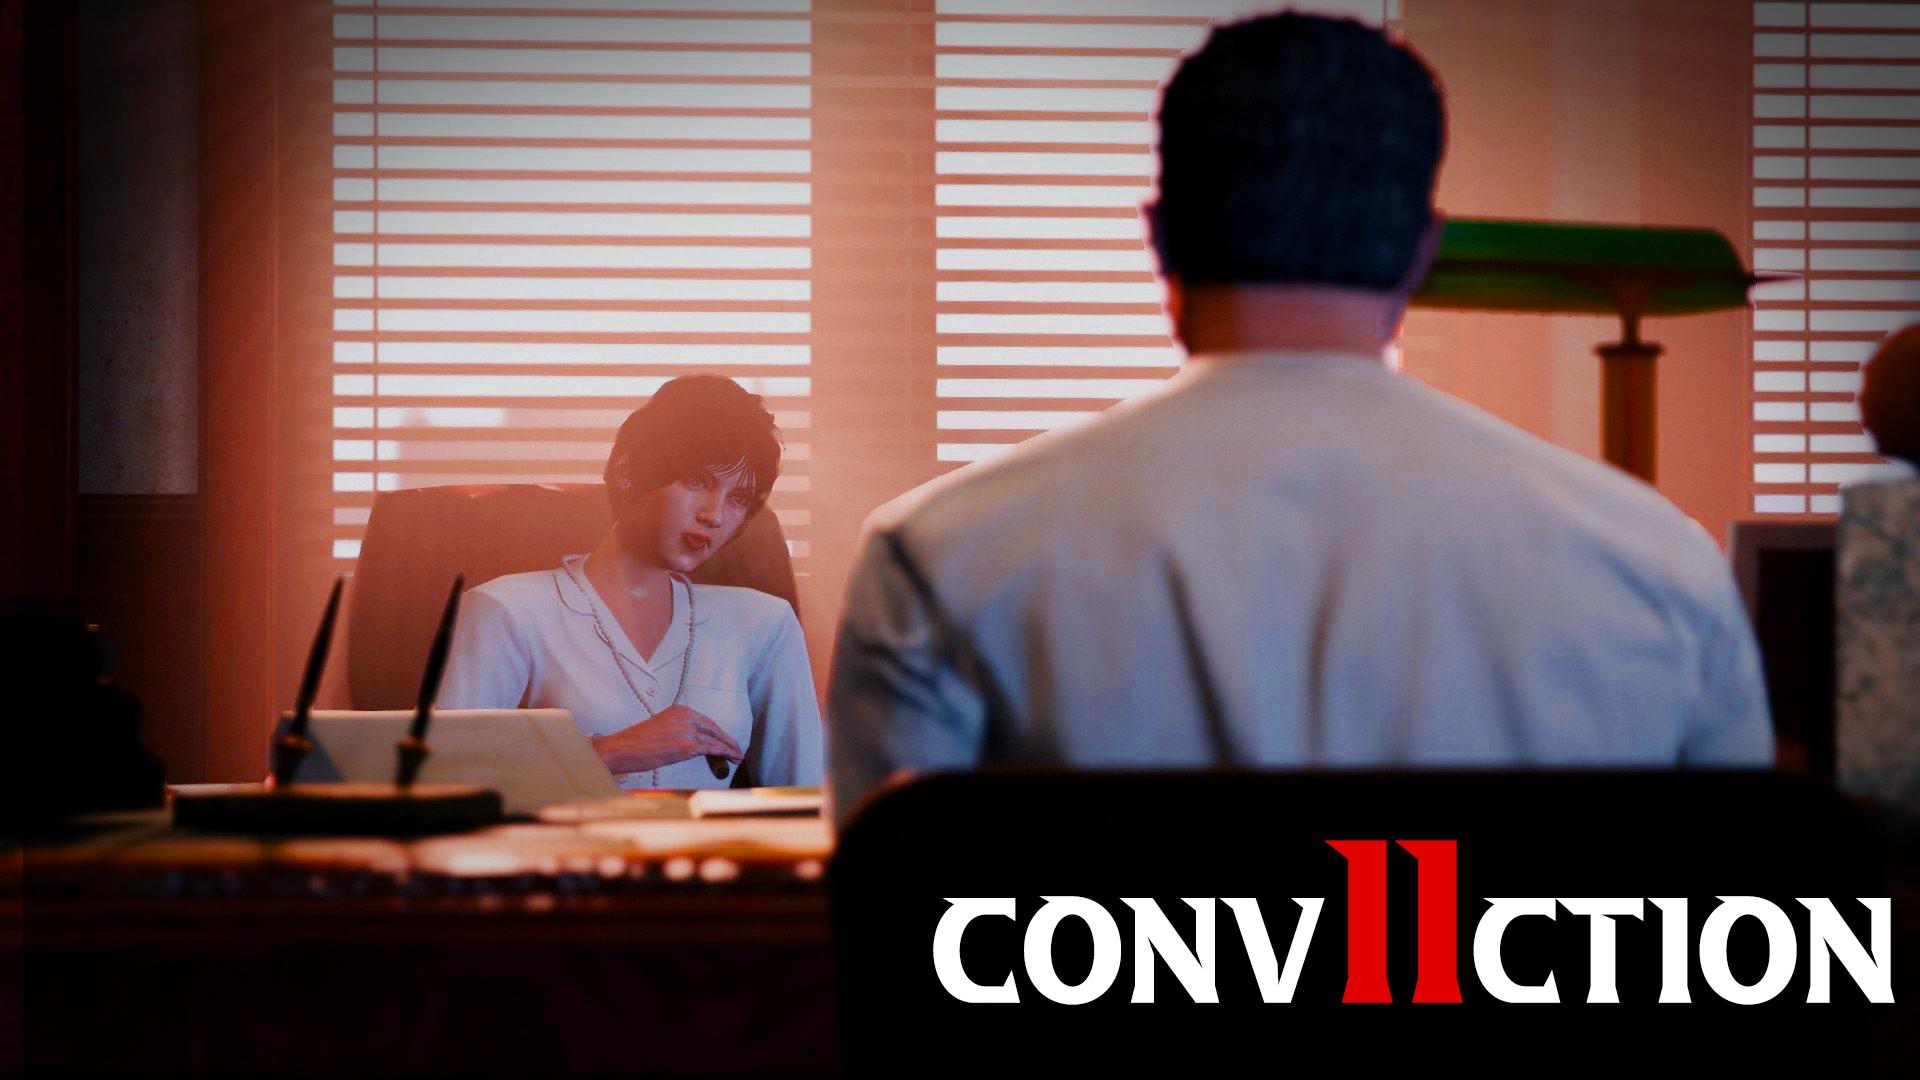 Conviction II